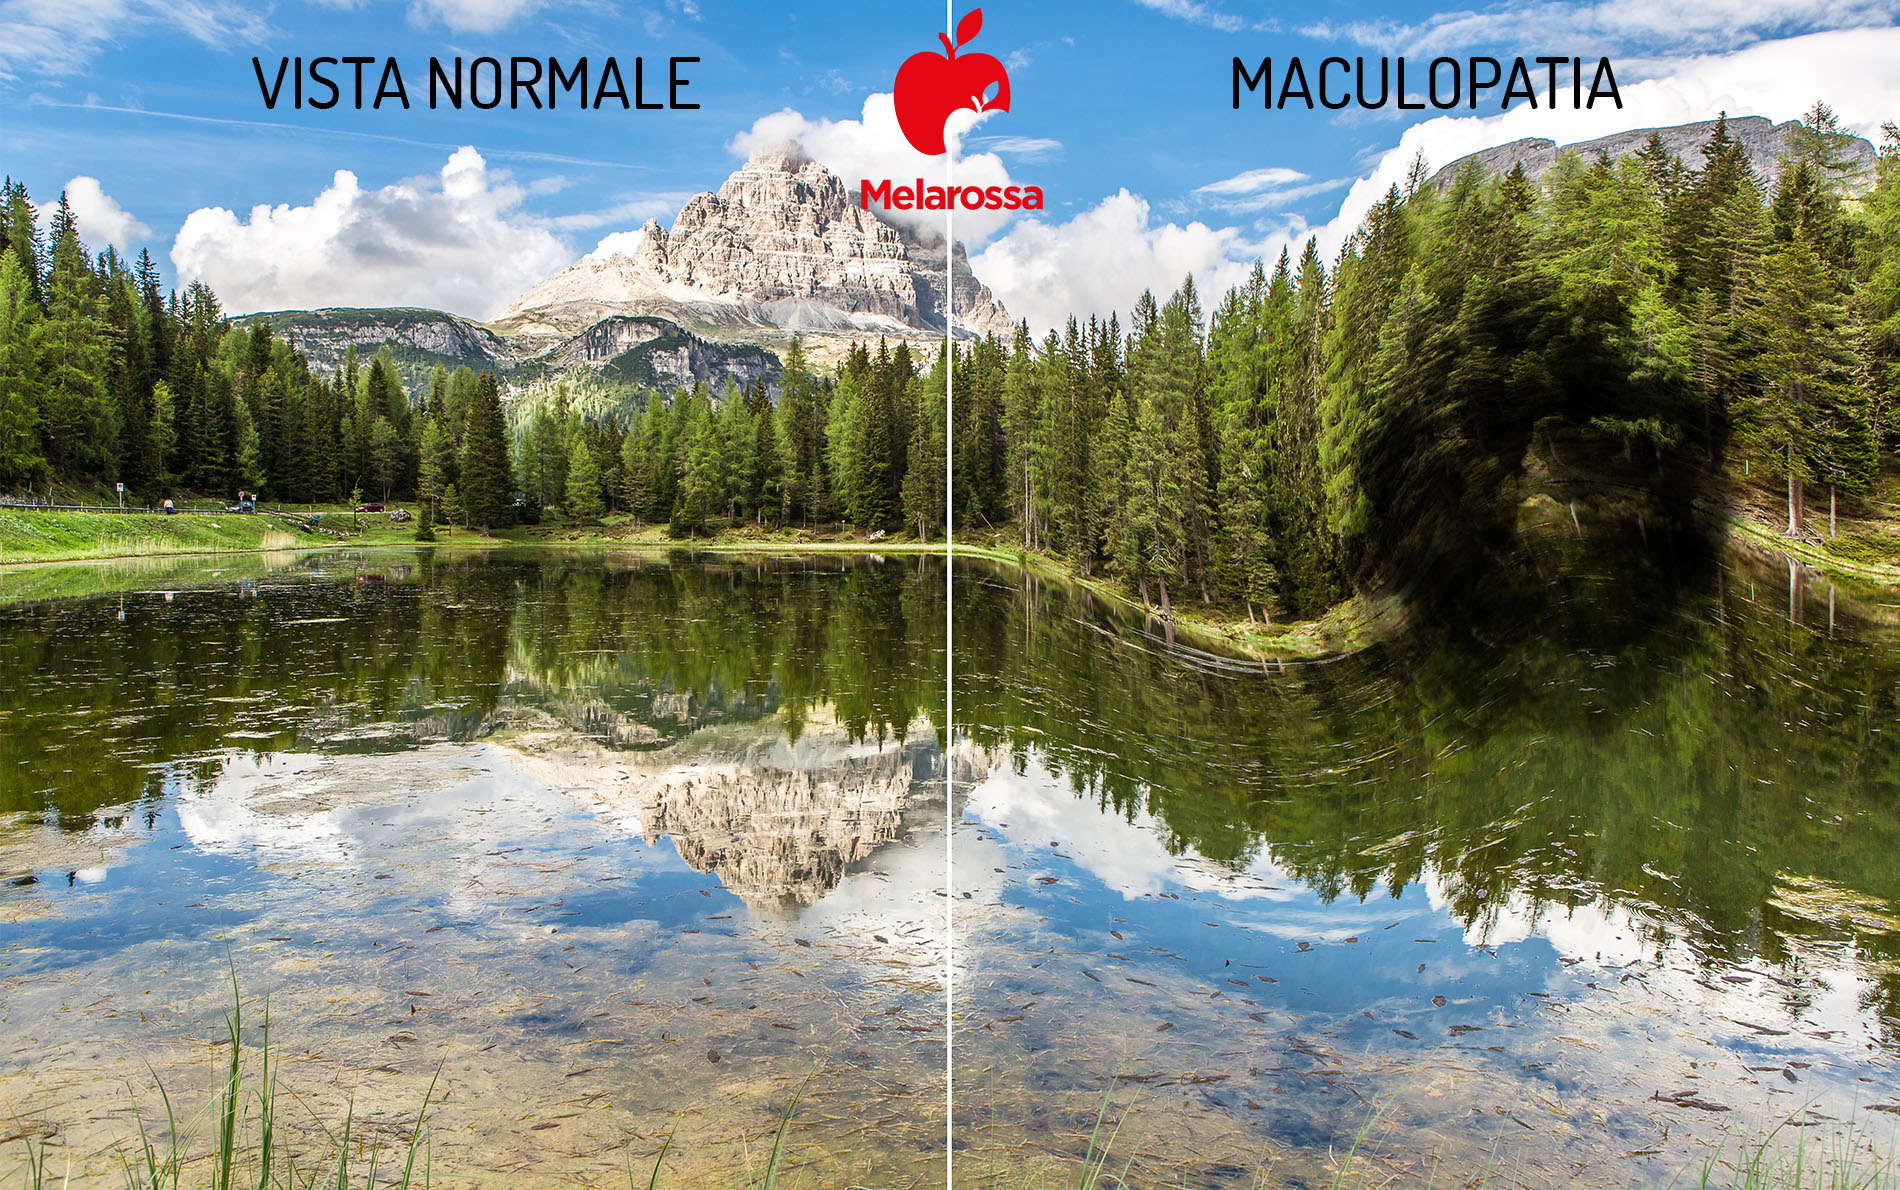 maculopatia: cure